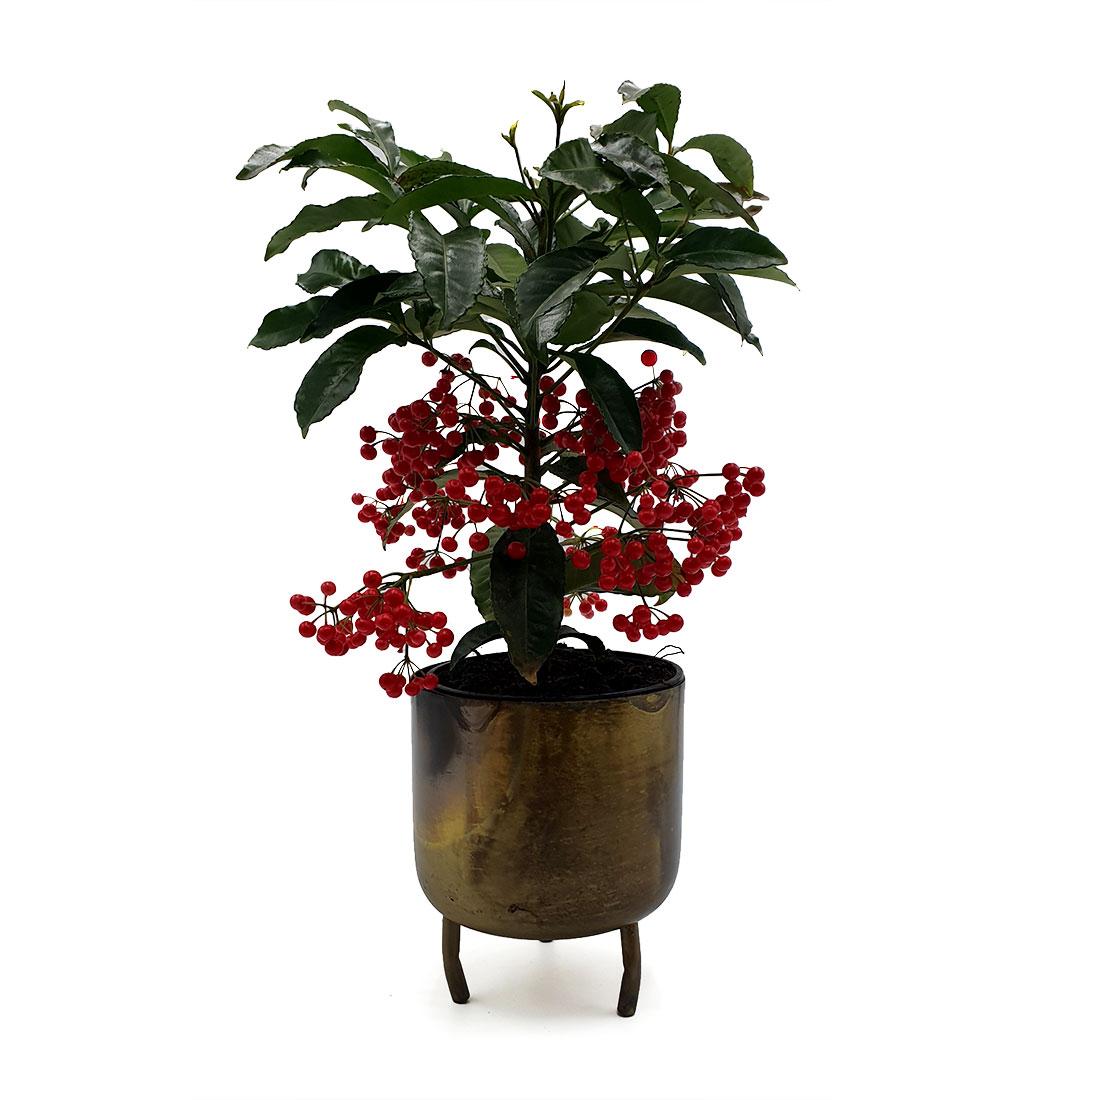 Vazoninis augalas ARDIZIJA (ARDISIA CRENATA), be vazono